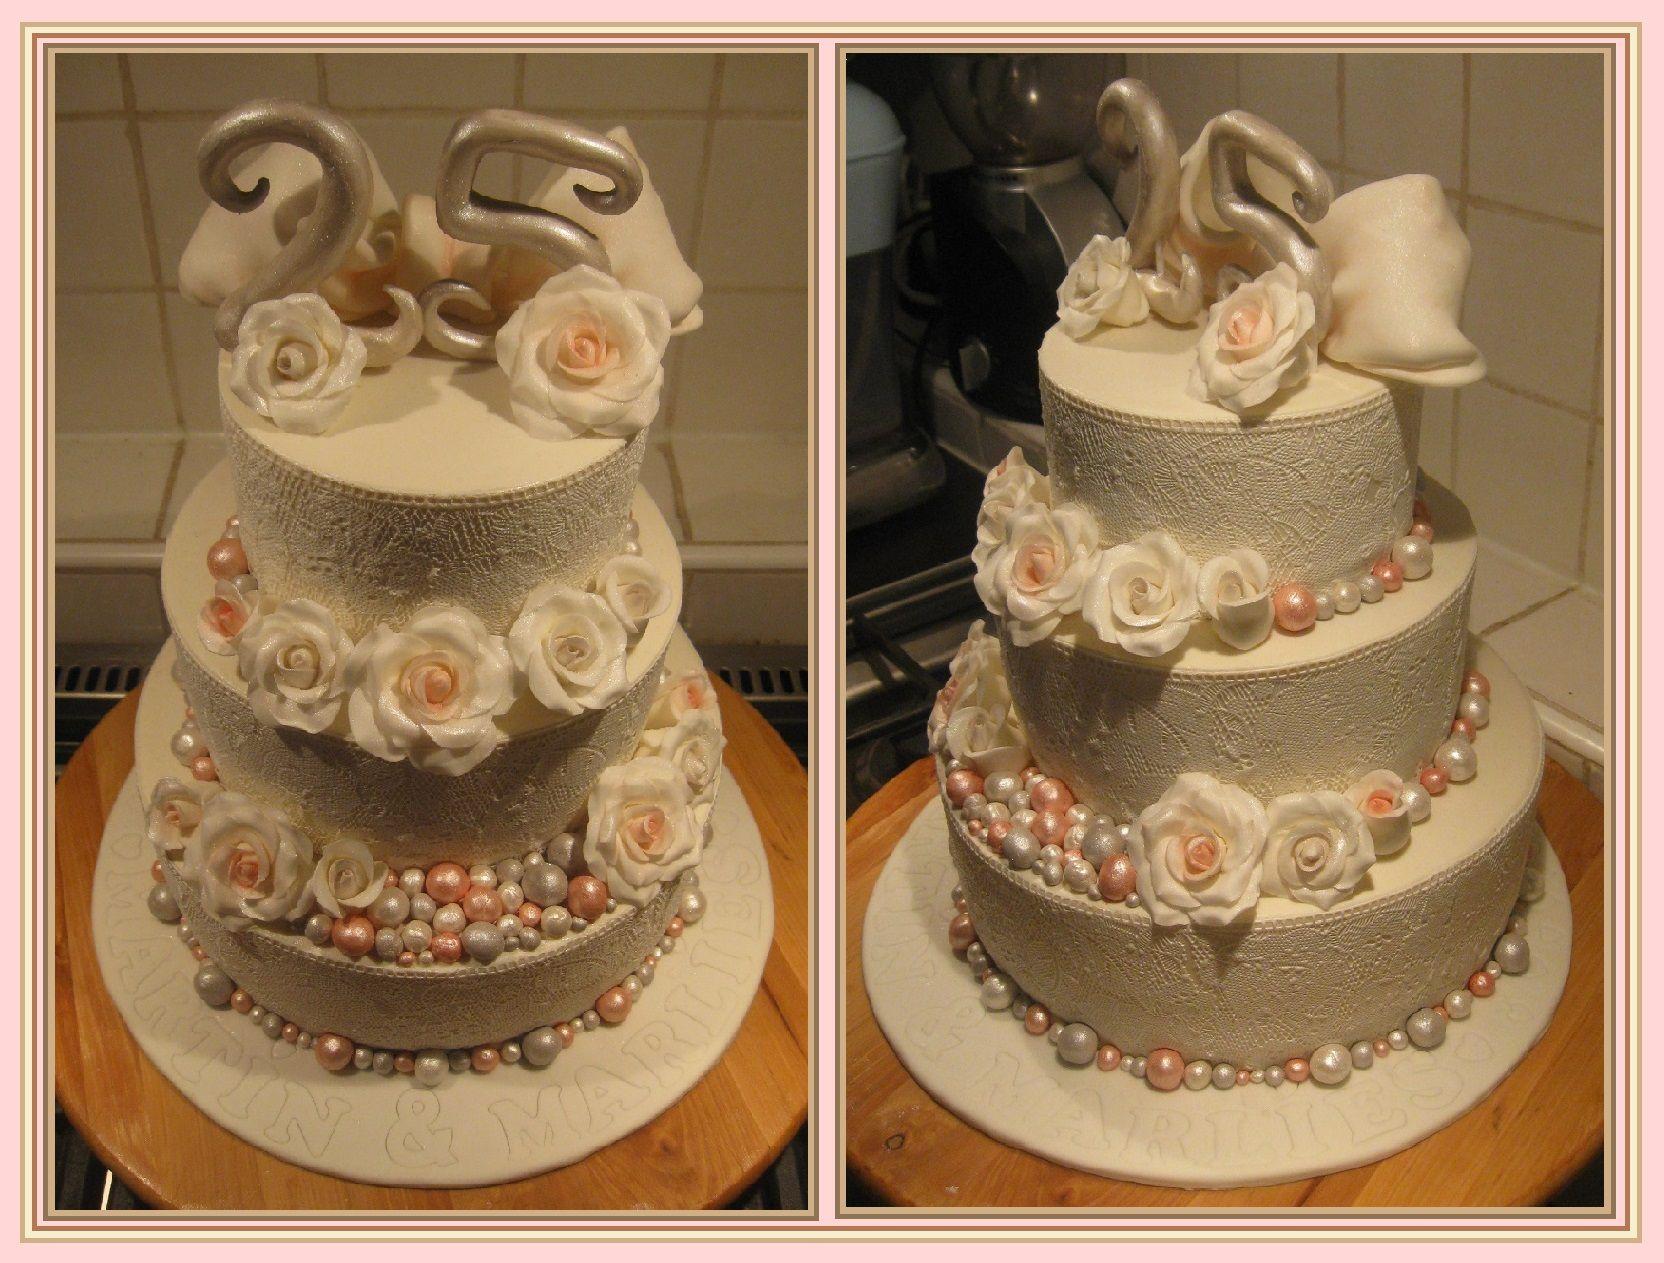 Wonderbaarlijk 25 jaar getrouwd! Deze taart is gemaakt door www YA-79